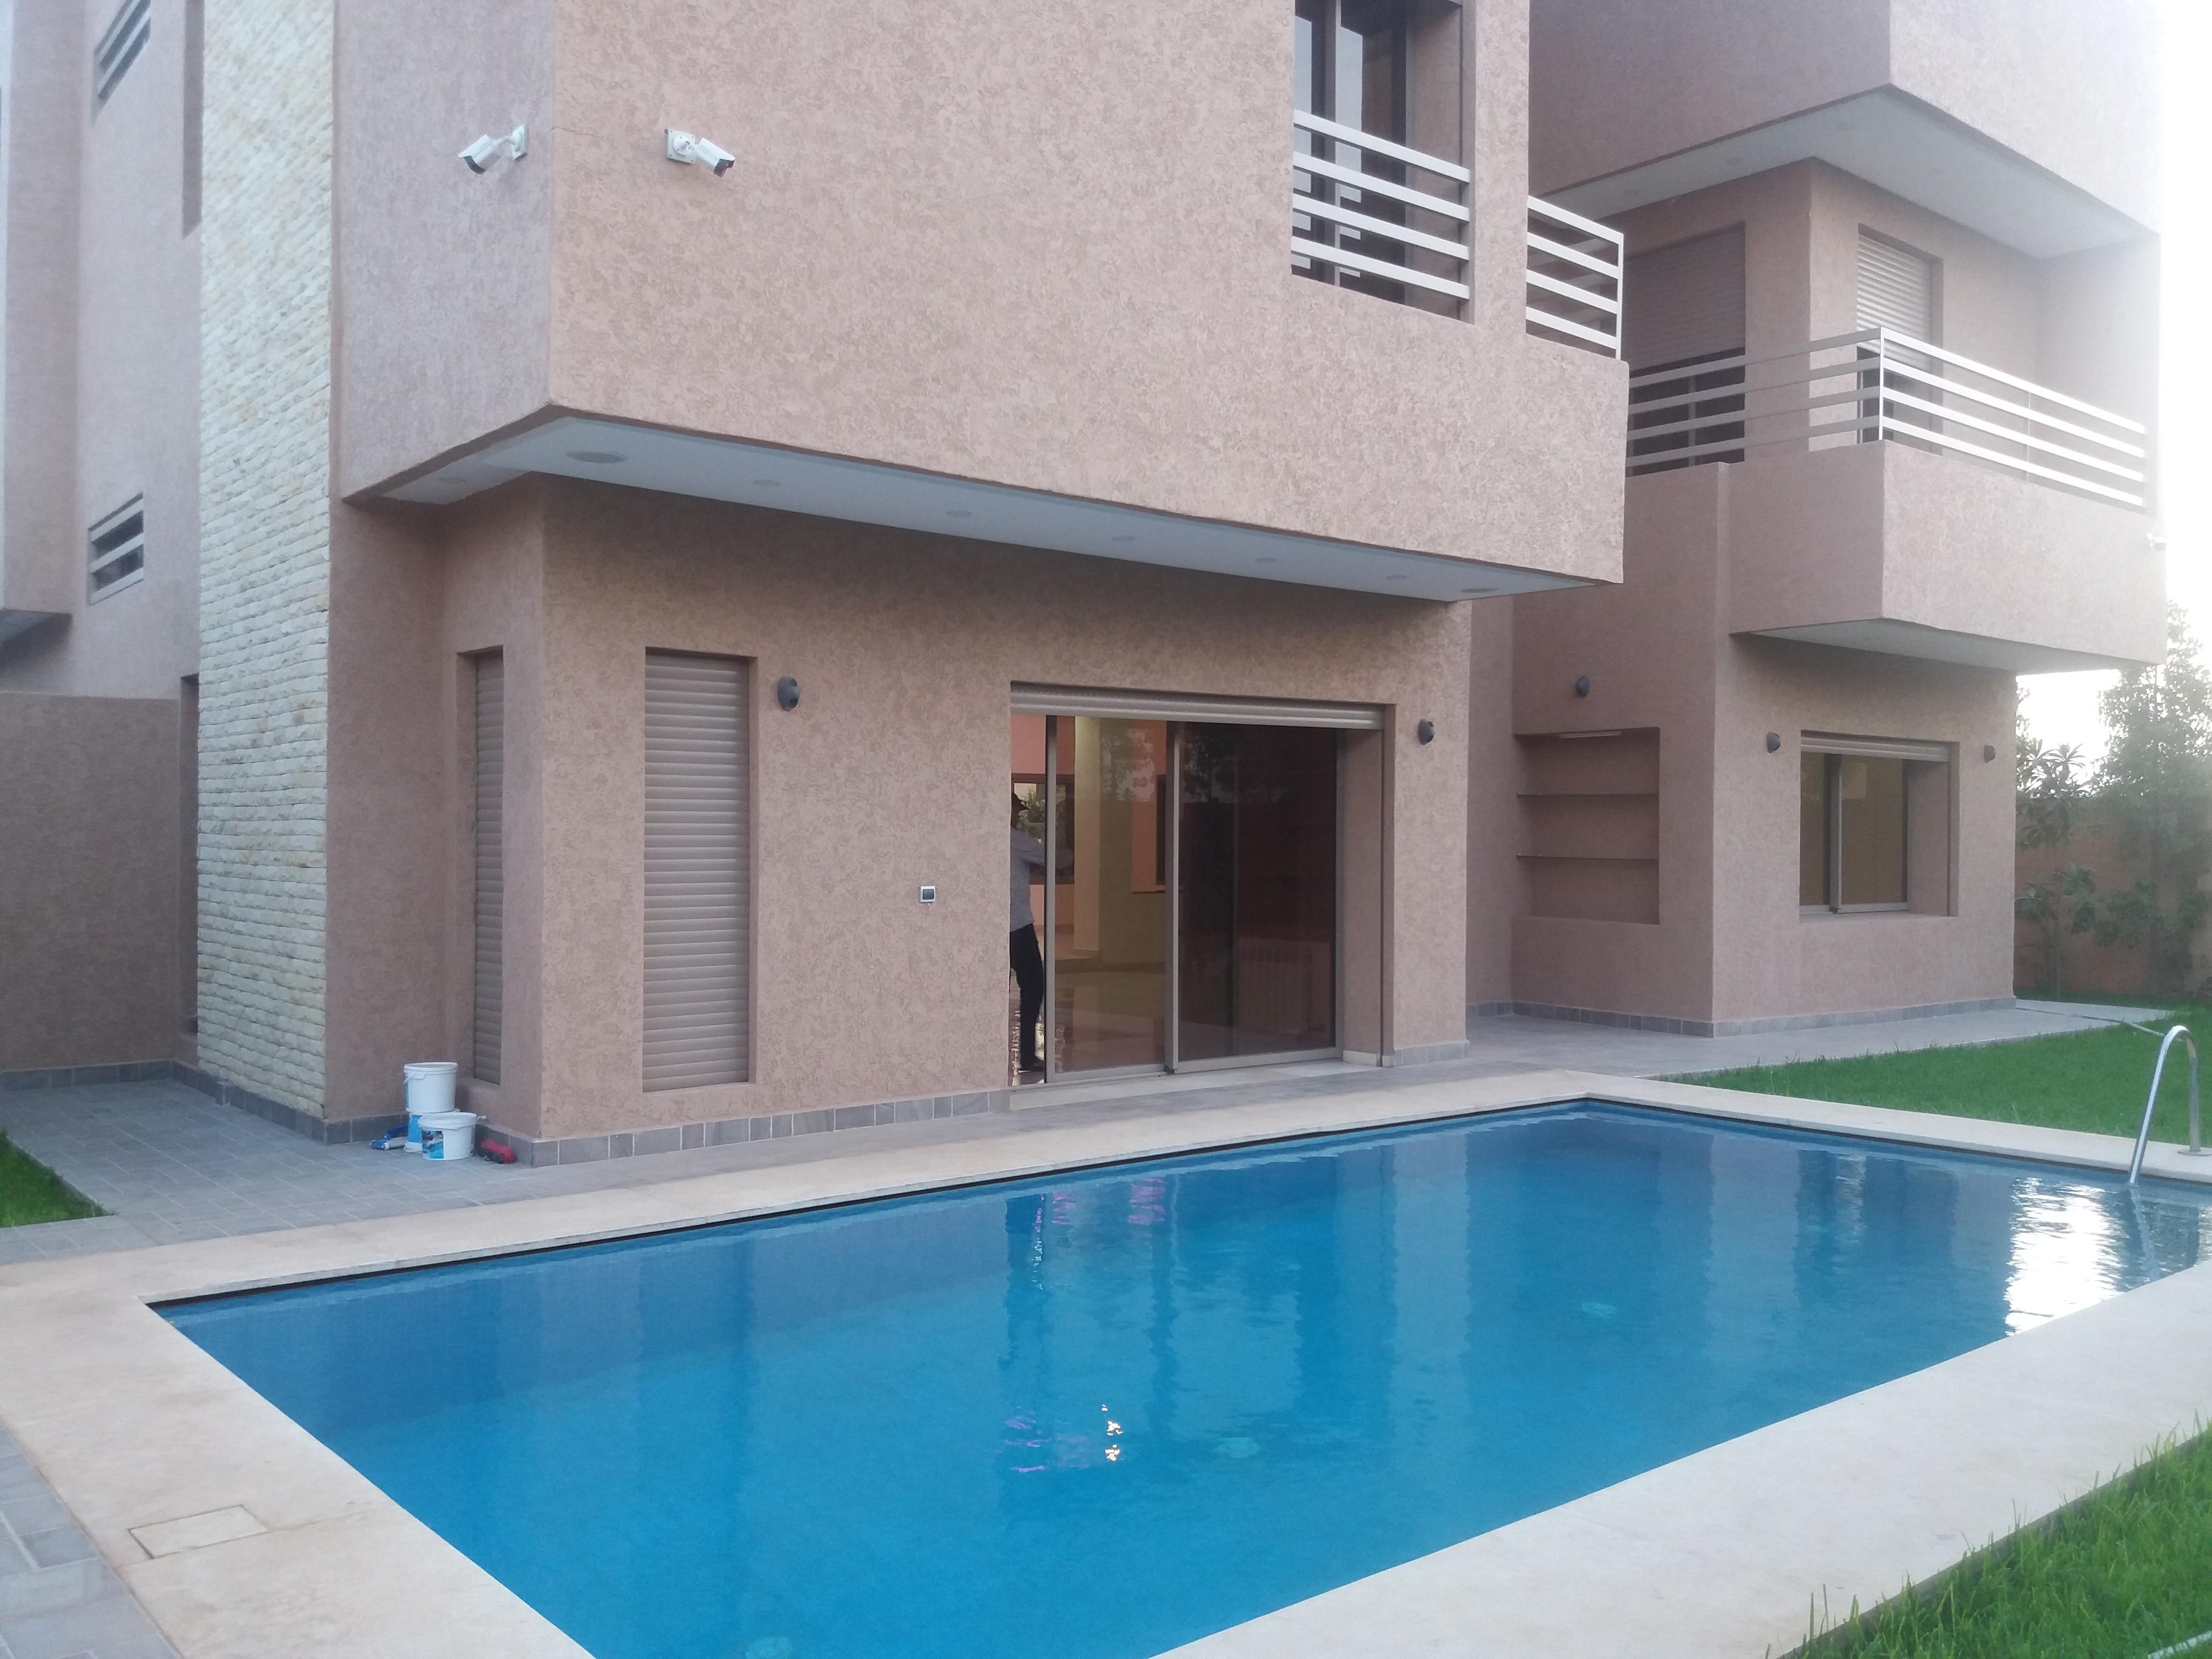 Vente <strong>Villa</strong> Marrakech Targa <strong>619 m2</strong>